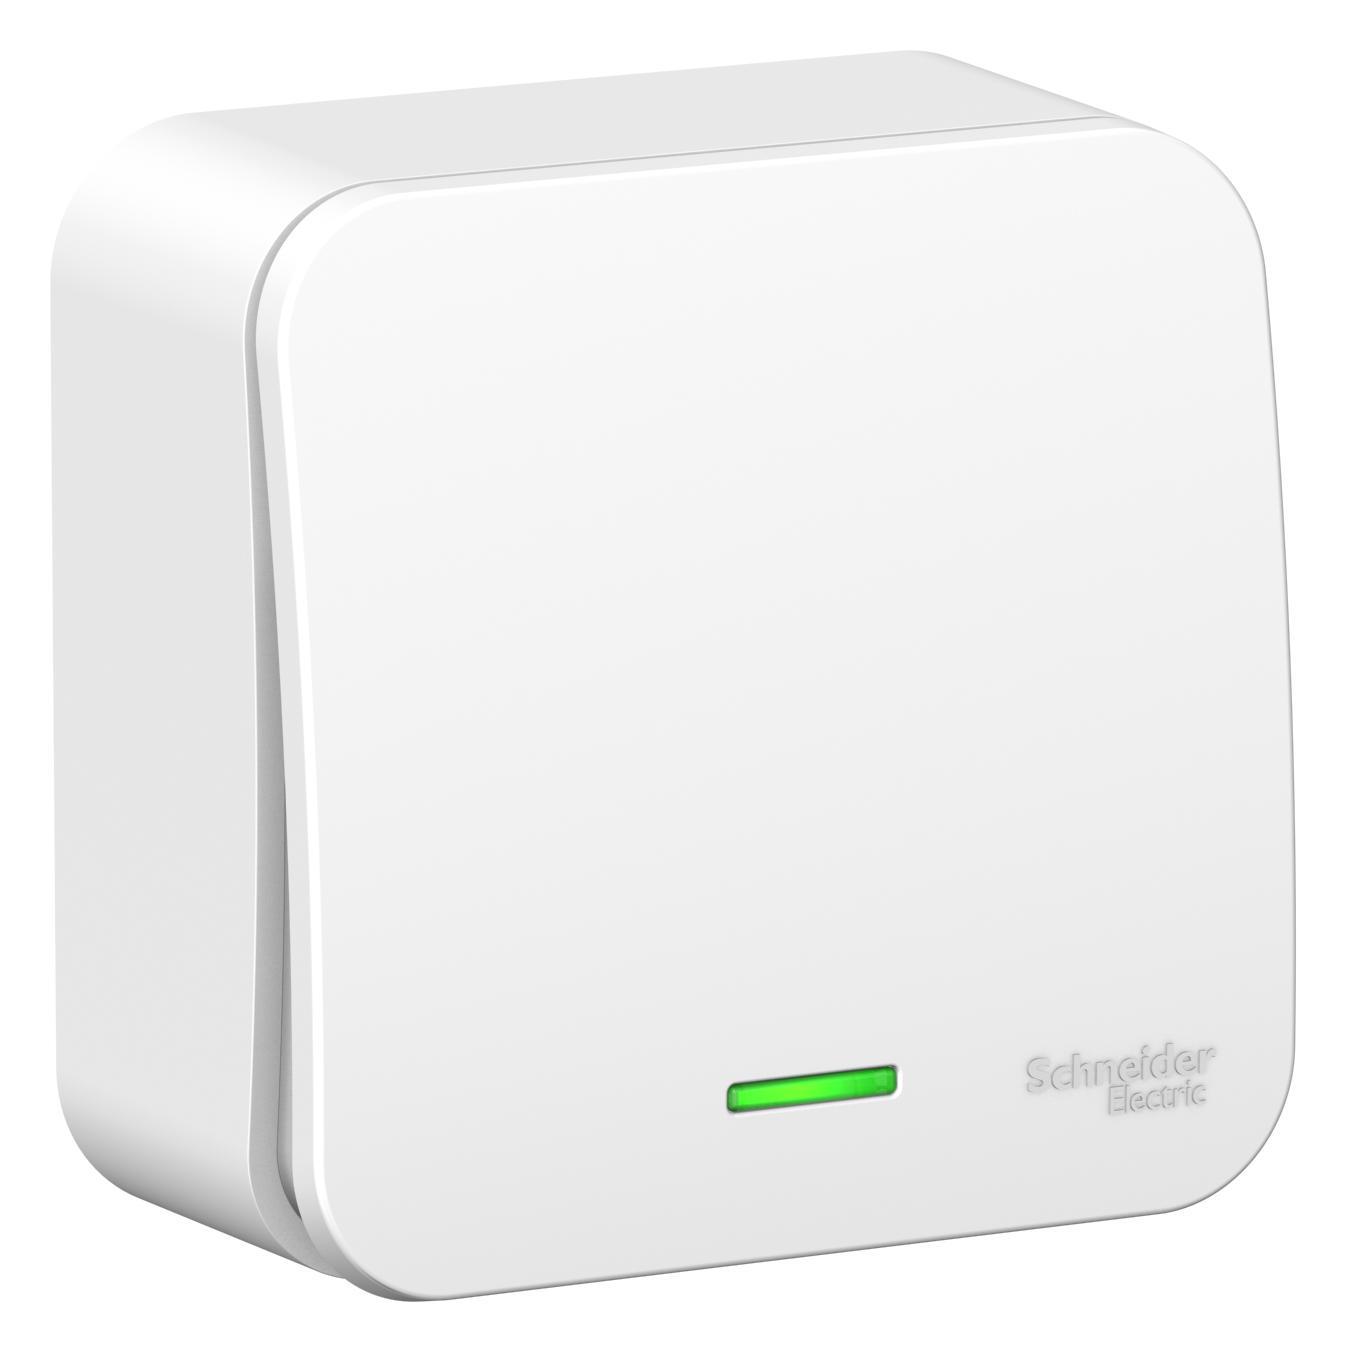 Выключатель Schneider electric Blnva101101 blanca панель лицевая schneider electric actassi 1 модуль белый 24 шт vdi88240